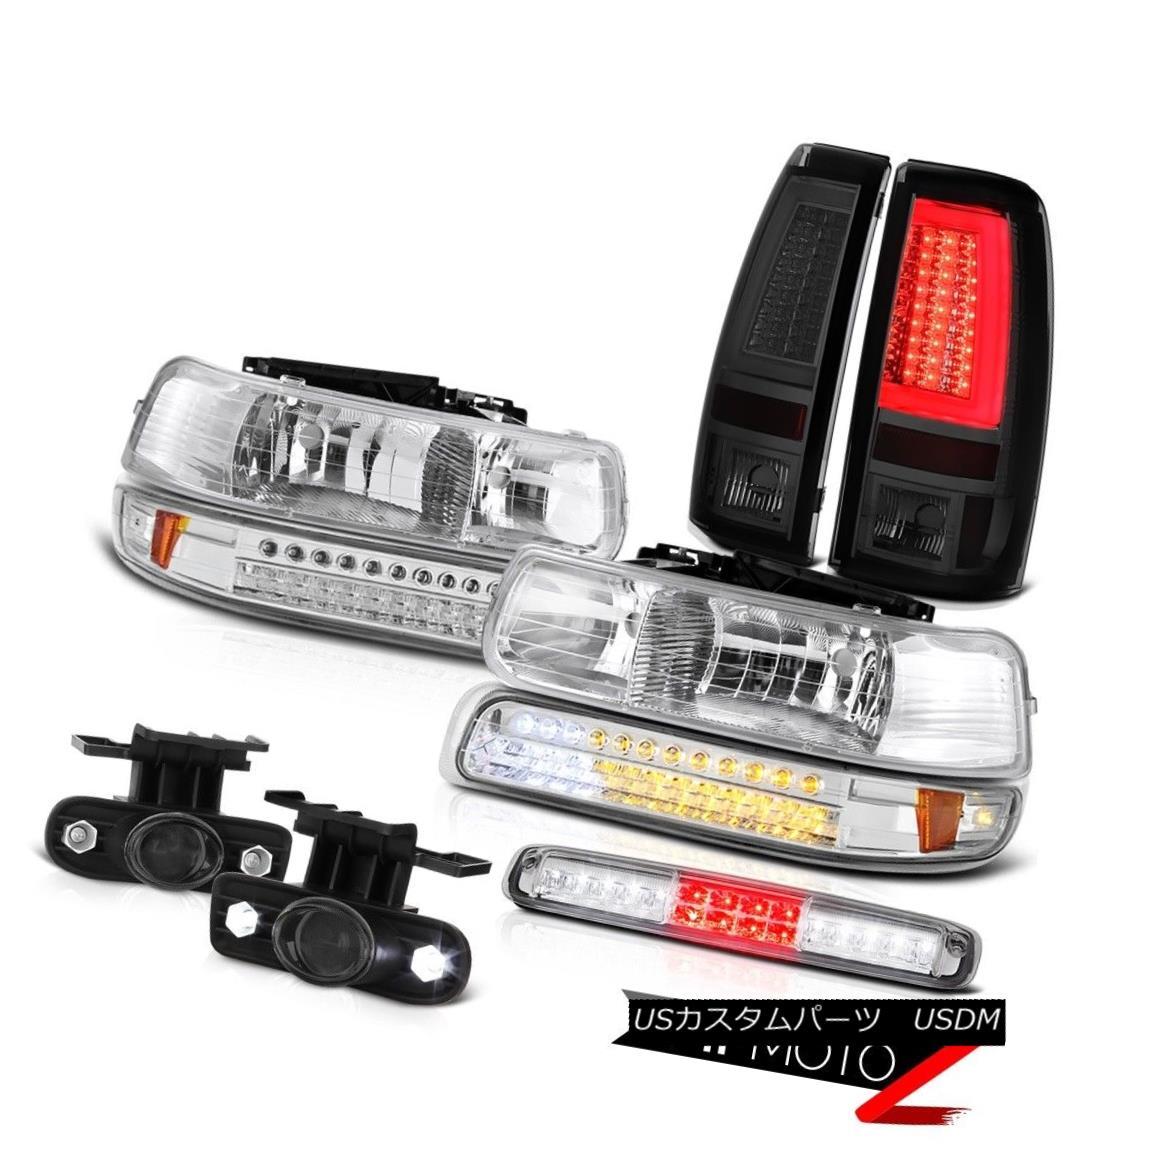 テールライト 99-02 Silverado WT Taillamps Headlamps Parking Lamp Roof Brake Light Foglights 99-02 Silverado WT Taillampsヘッドランプパーキングランプルーフブレーキライトフォグライト